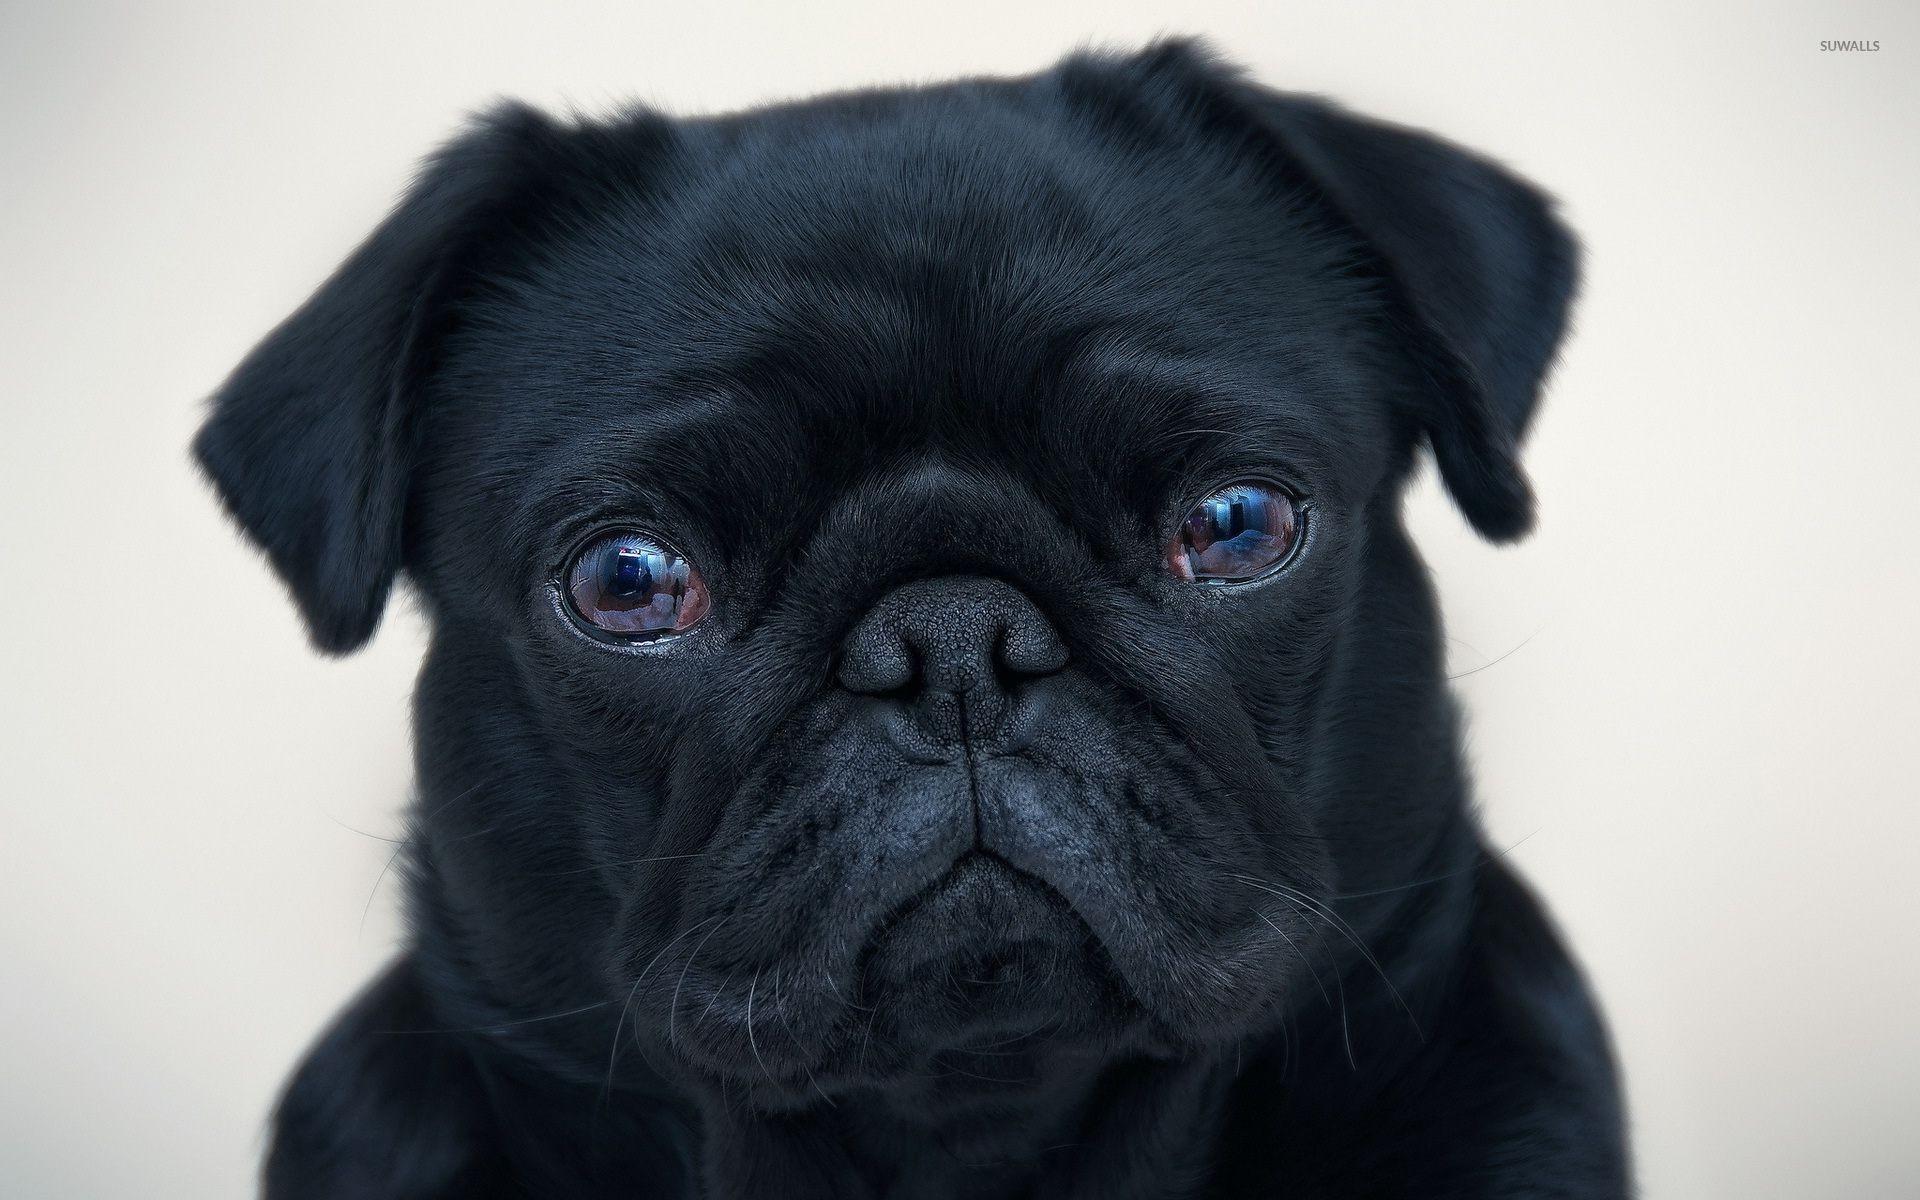 Black Pug Wallpaper ·① WallpaperTag